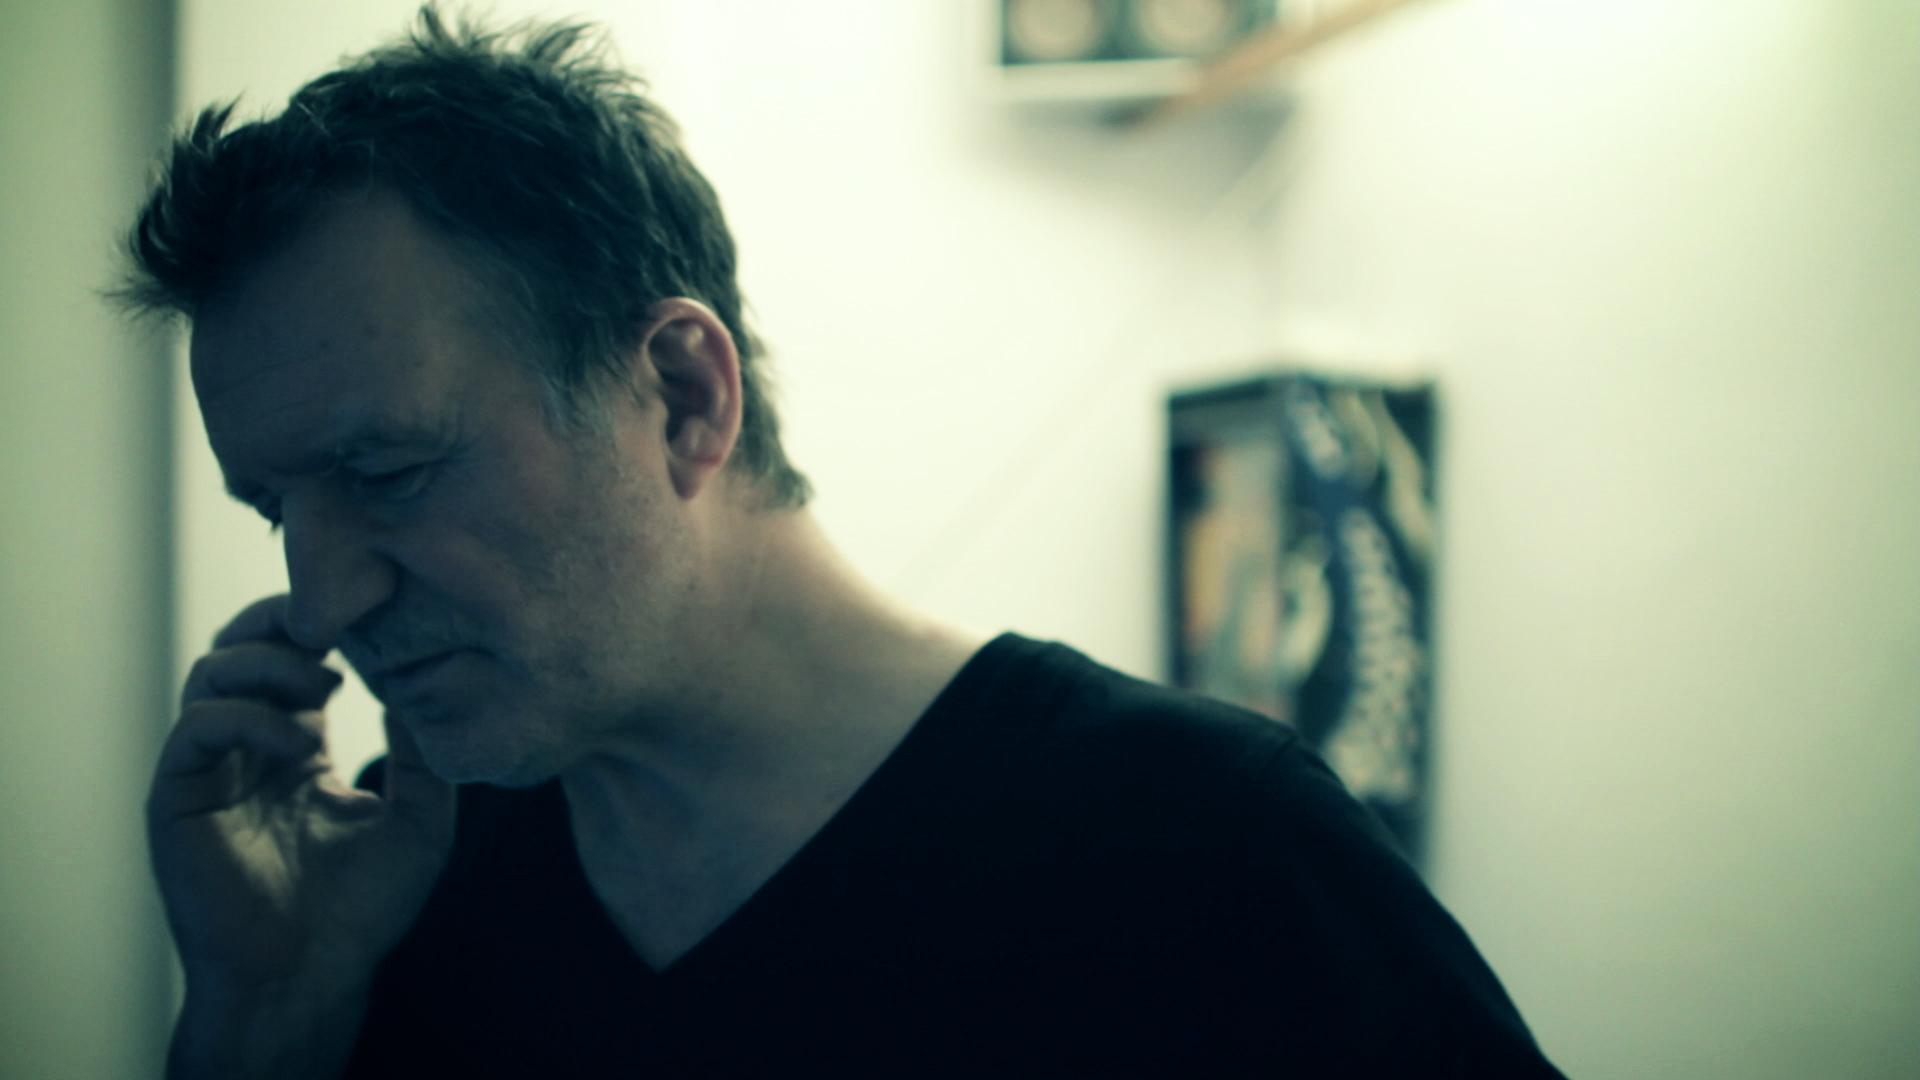 Elvin Flamingo, Wytwórcy wyobraźni, kadr zfilmu (Jacek Staniszewski)